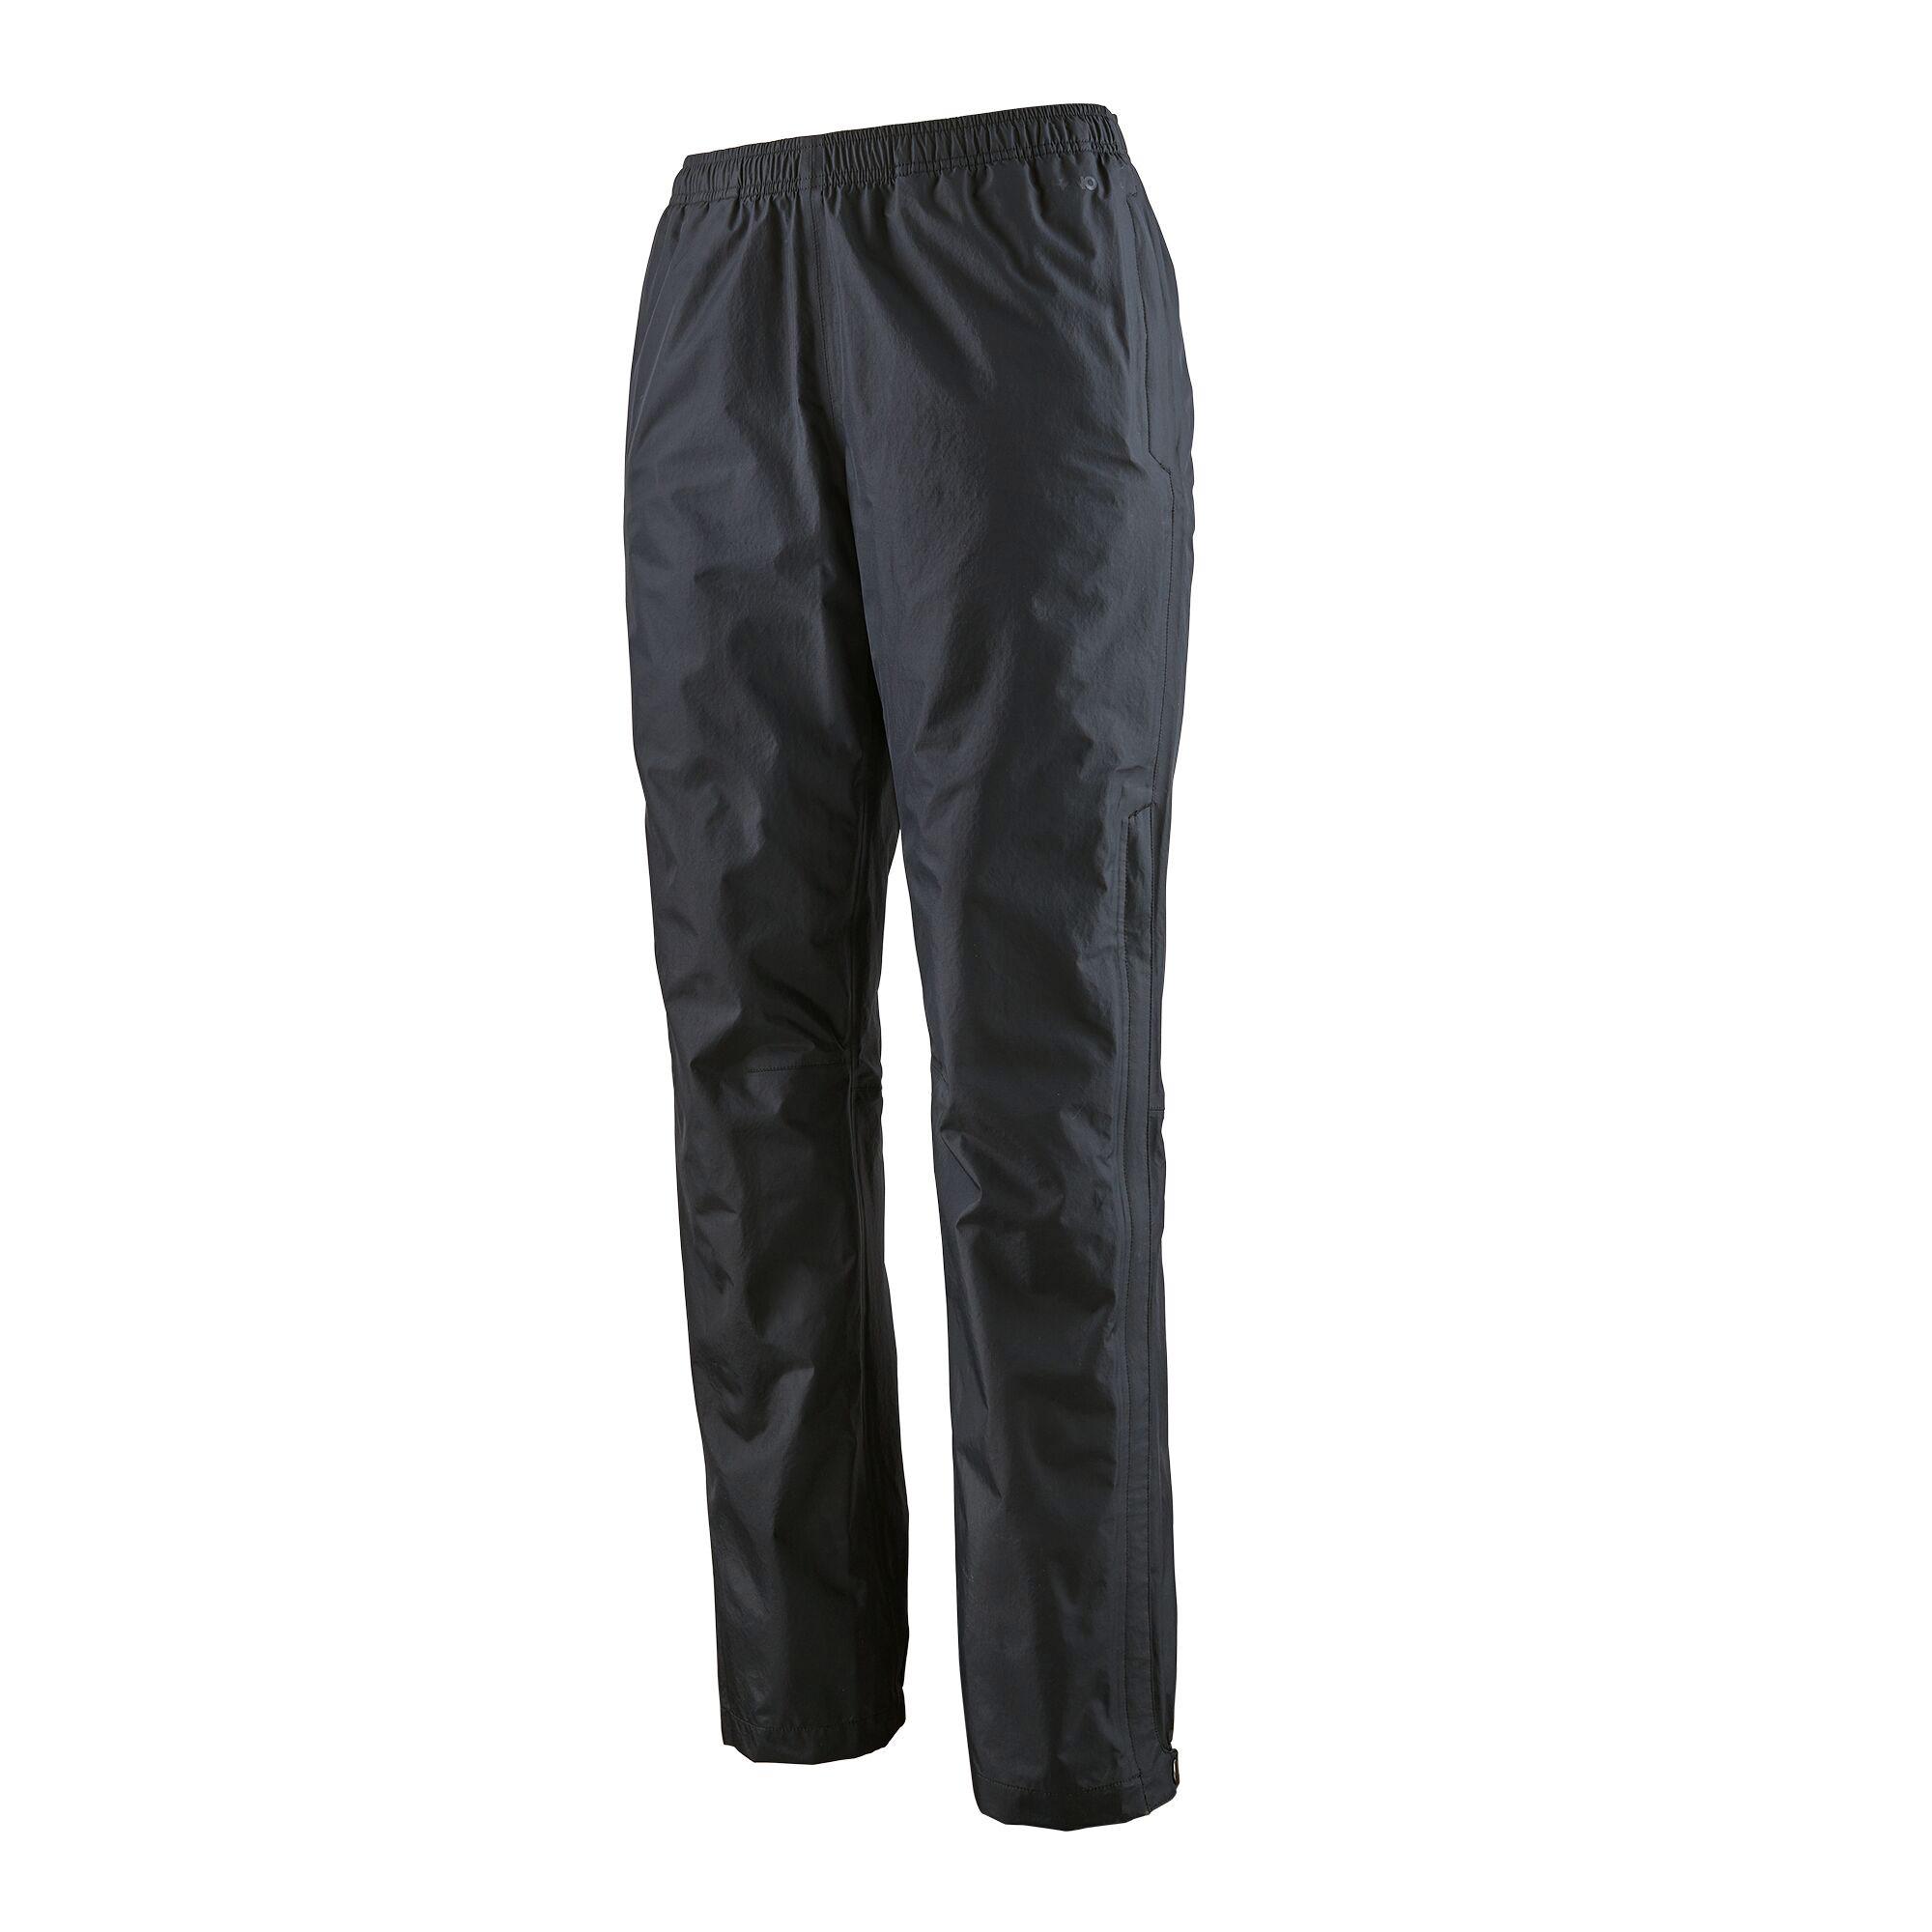 Torrentshell 3L Pants Regular - Women's